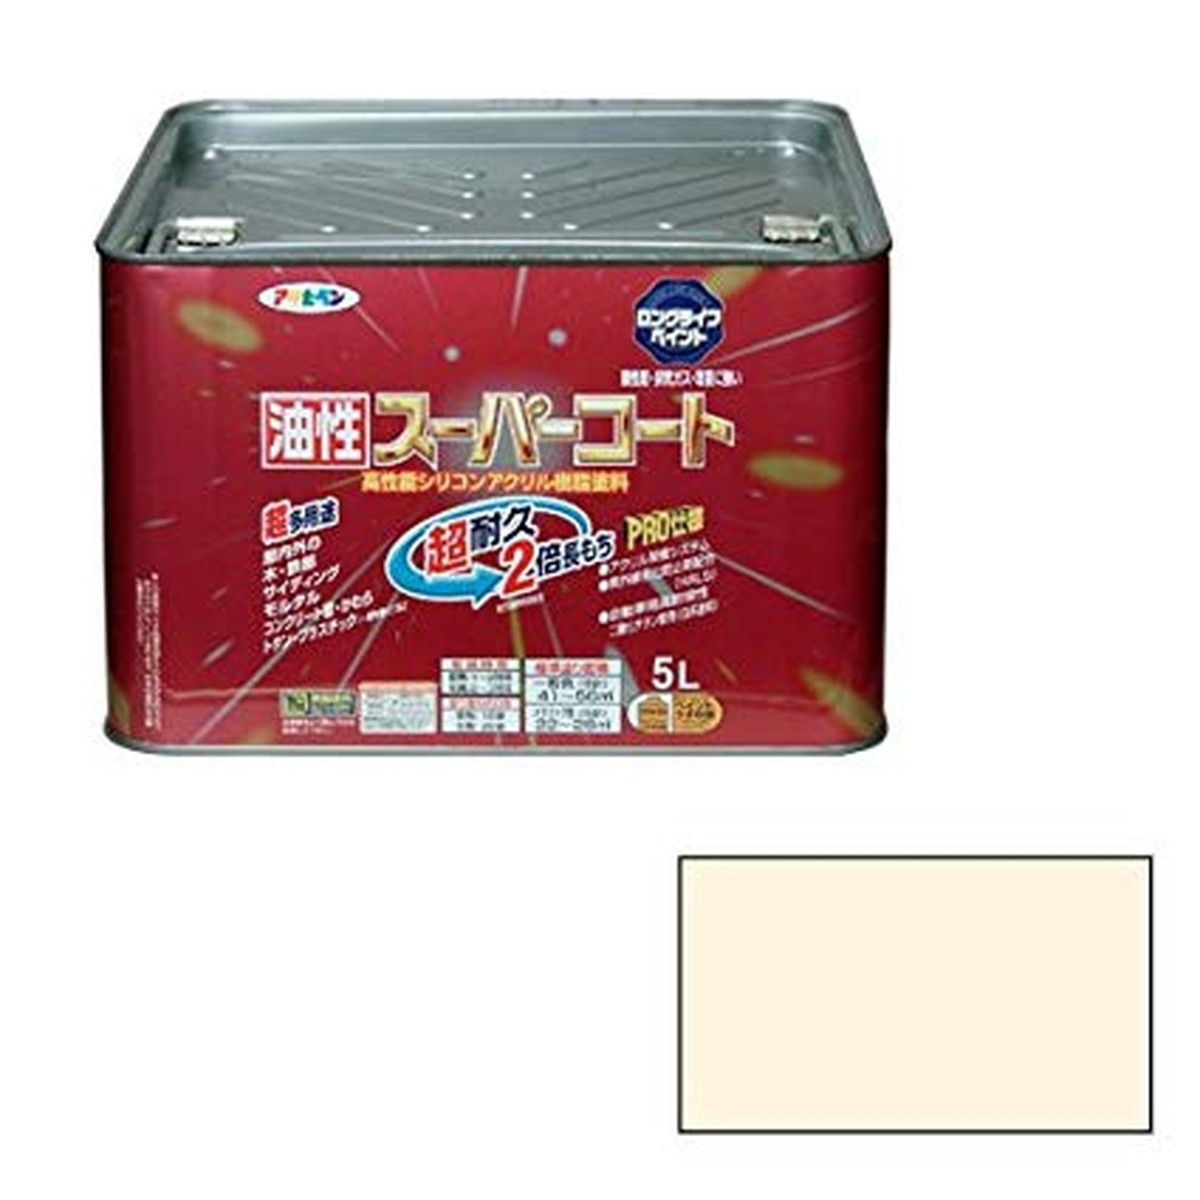 アサヒペン 油性スーパーコート 5L ミルキーホワイト【クーポン配布中】